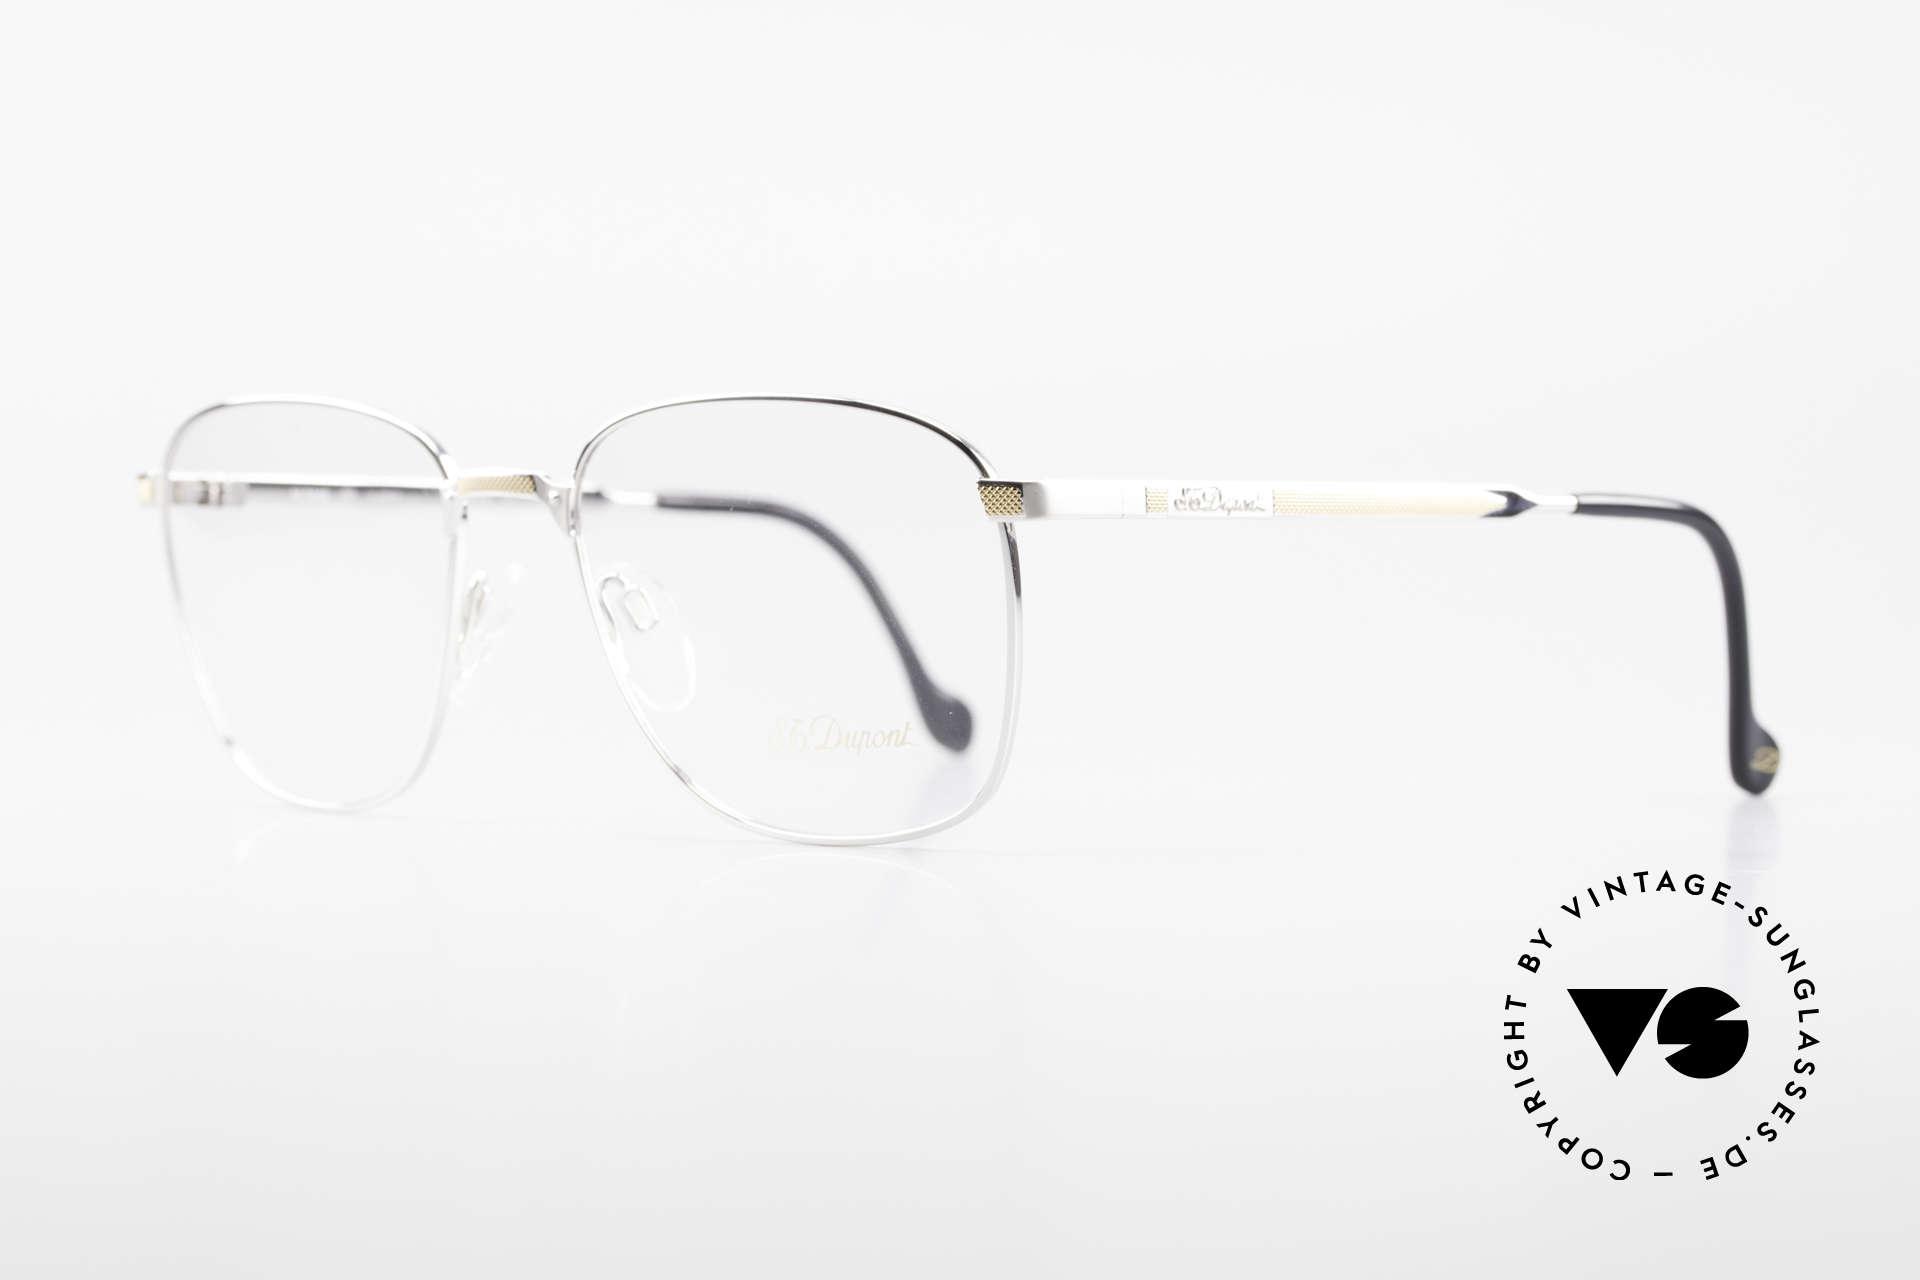 S.T. Dupont D048 90er Luxus Brillenfassung 23kt, äußerst edel (S.T. Dupont Modelle sind 23kt vergoldet), Passend für Herren